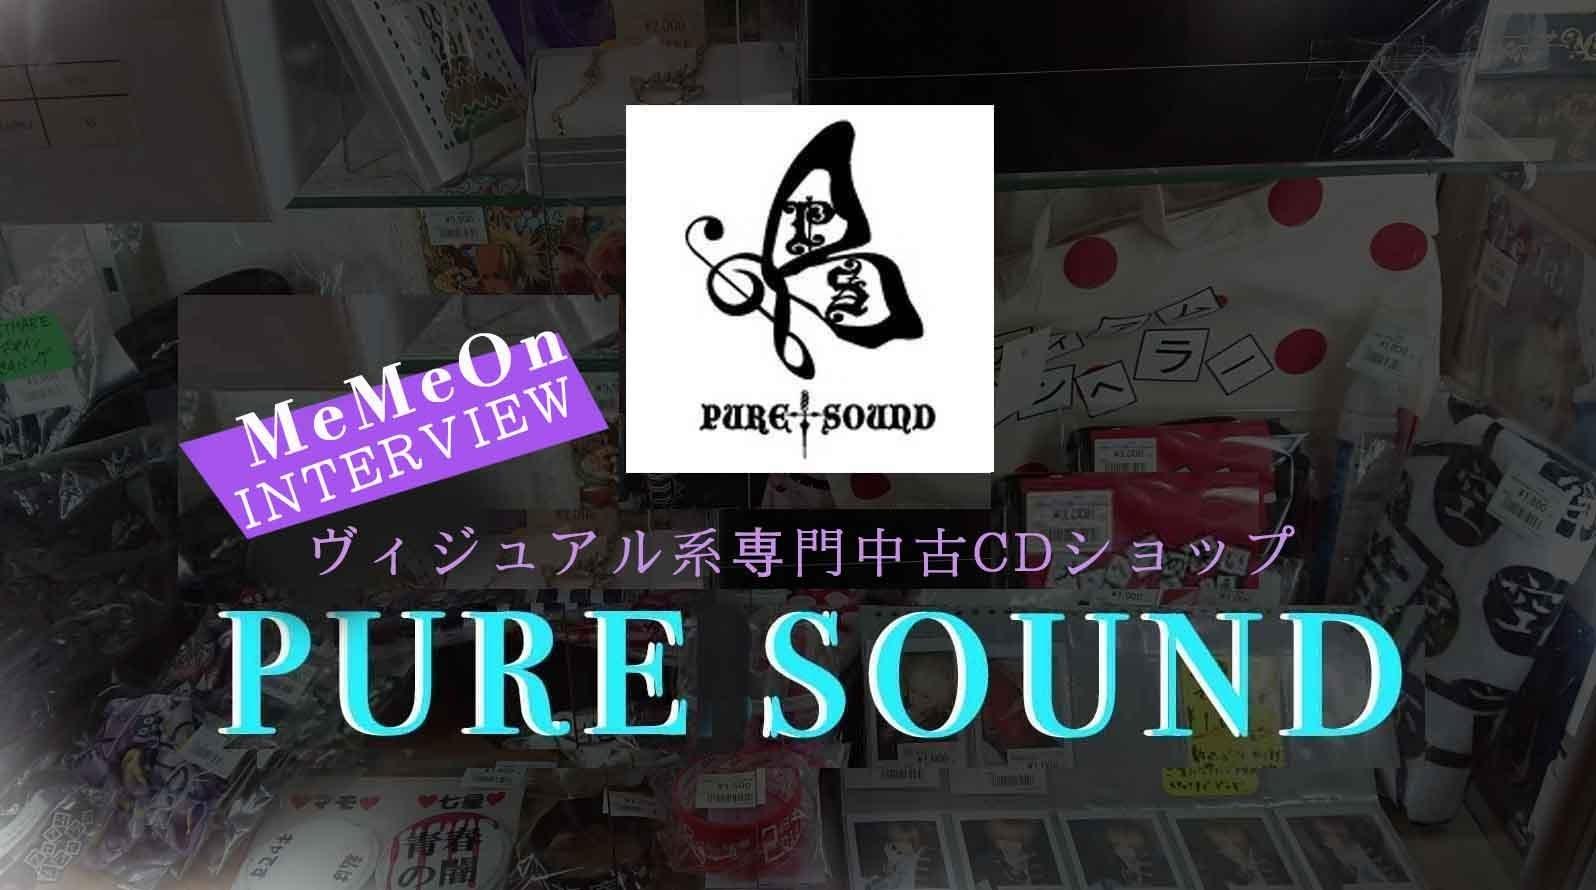 【MeMeOn インタビュー】ネット時代に専門店の大切さ ヴィジュアル系専門中古CDショップ「PURE SOUND」ピュアサウンド」